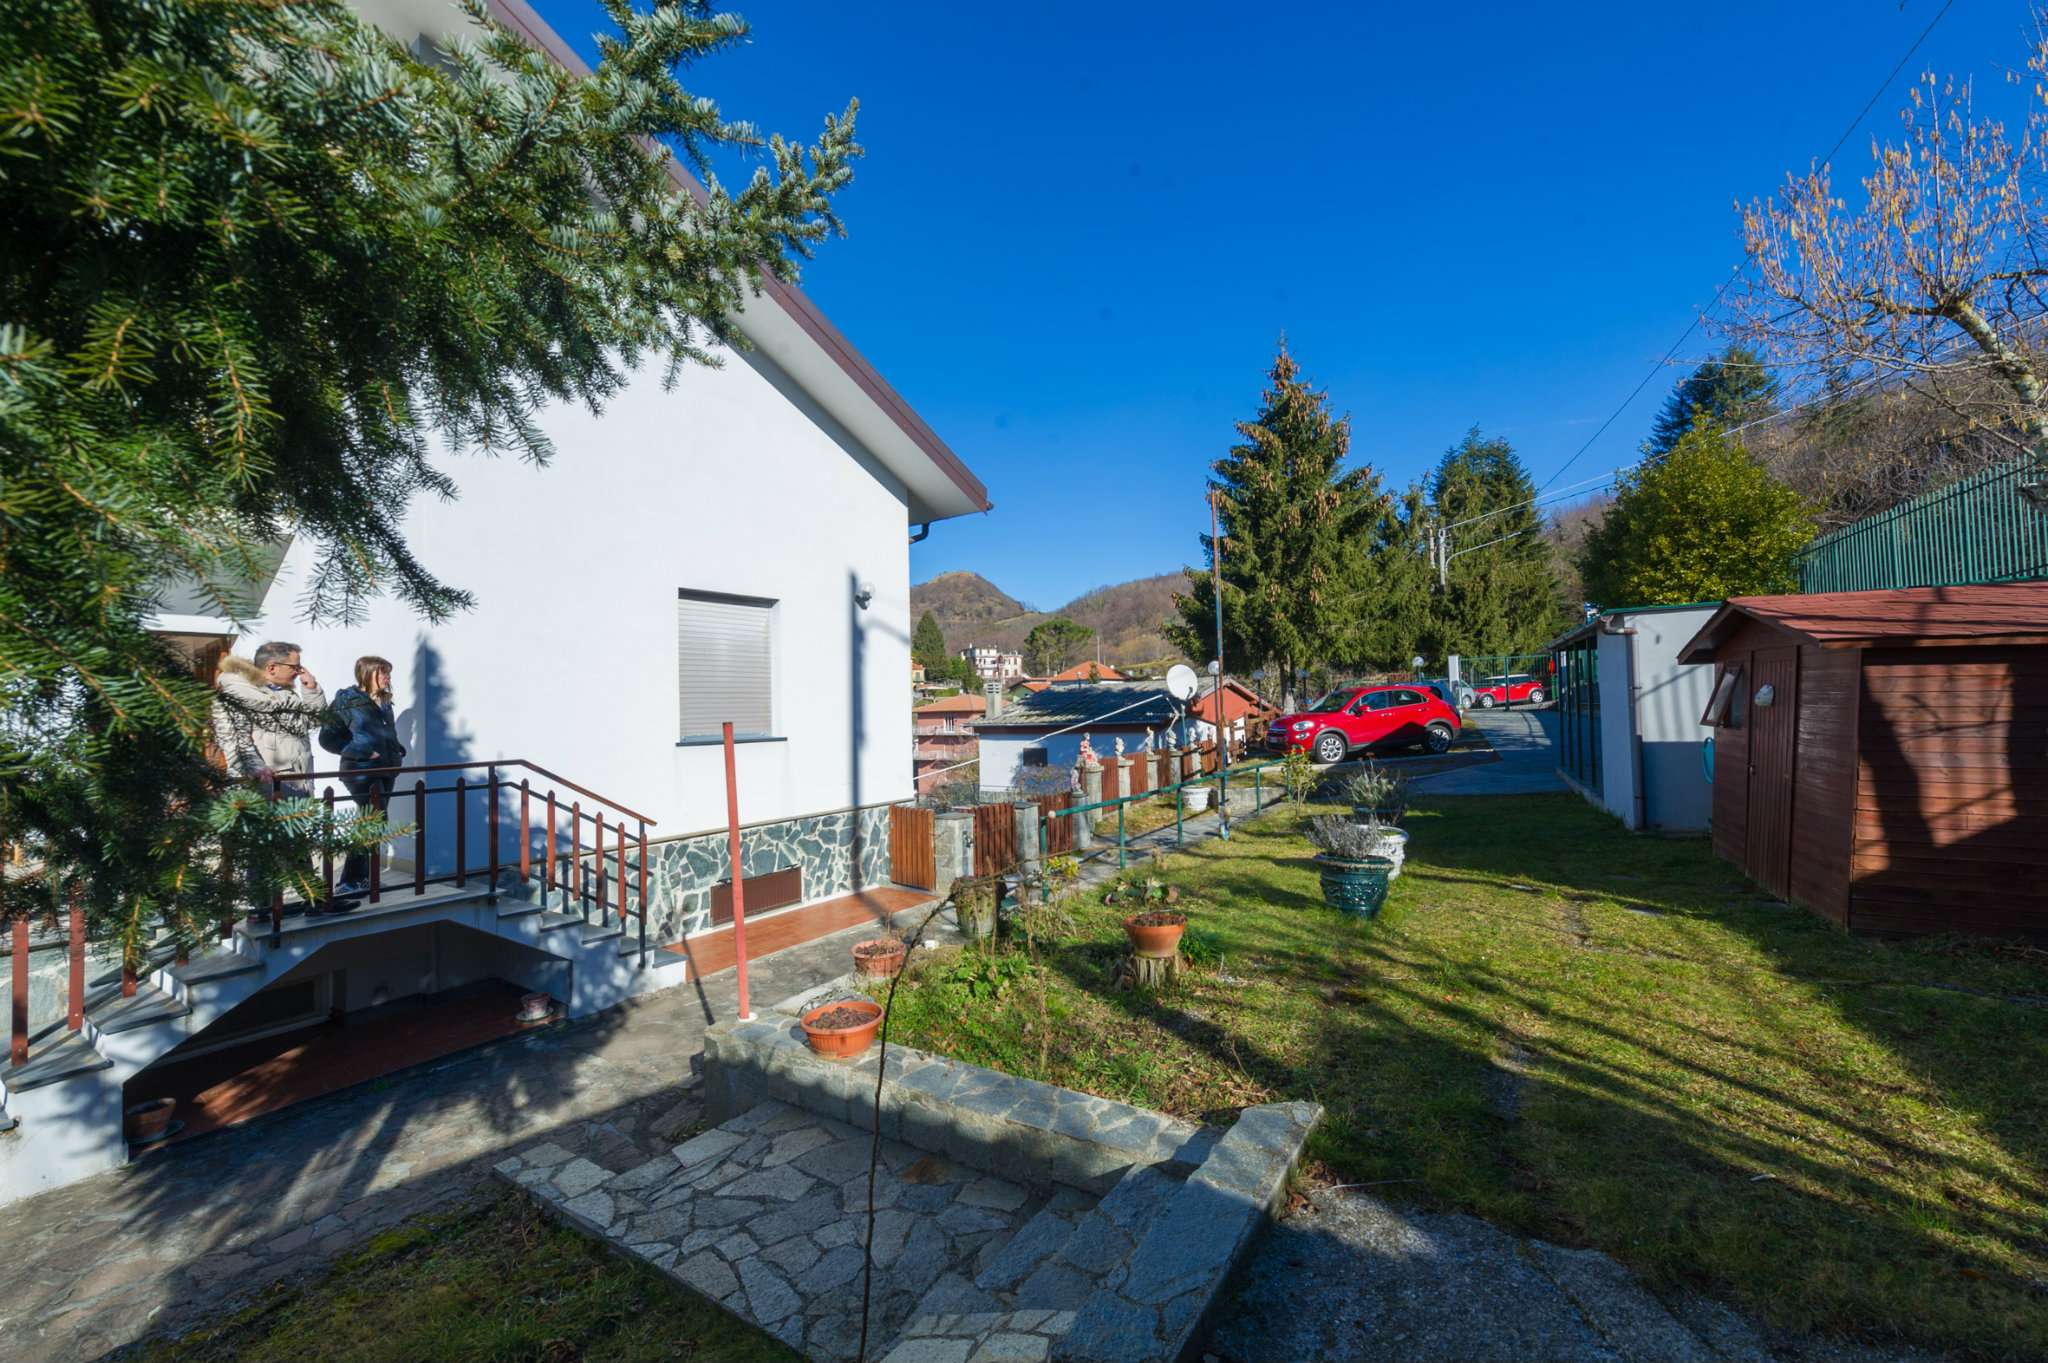 Foto 1 di Casa indipendente via Emilio Giacomazzi 81, frazione San Alberto, Bargagli